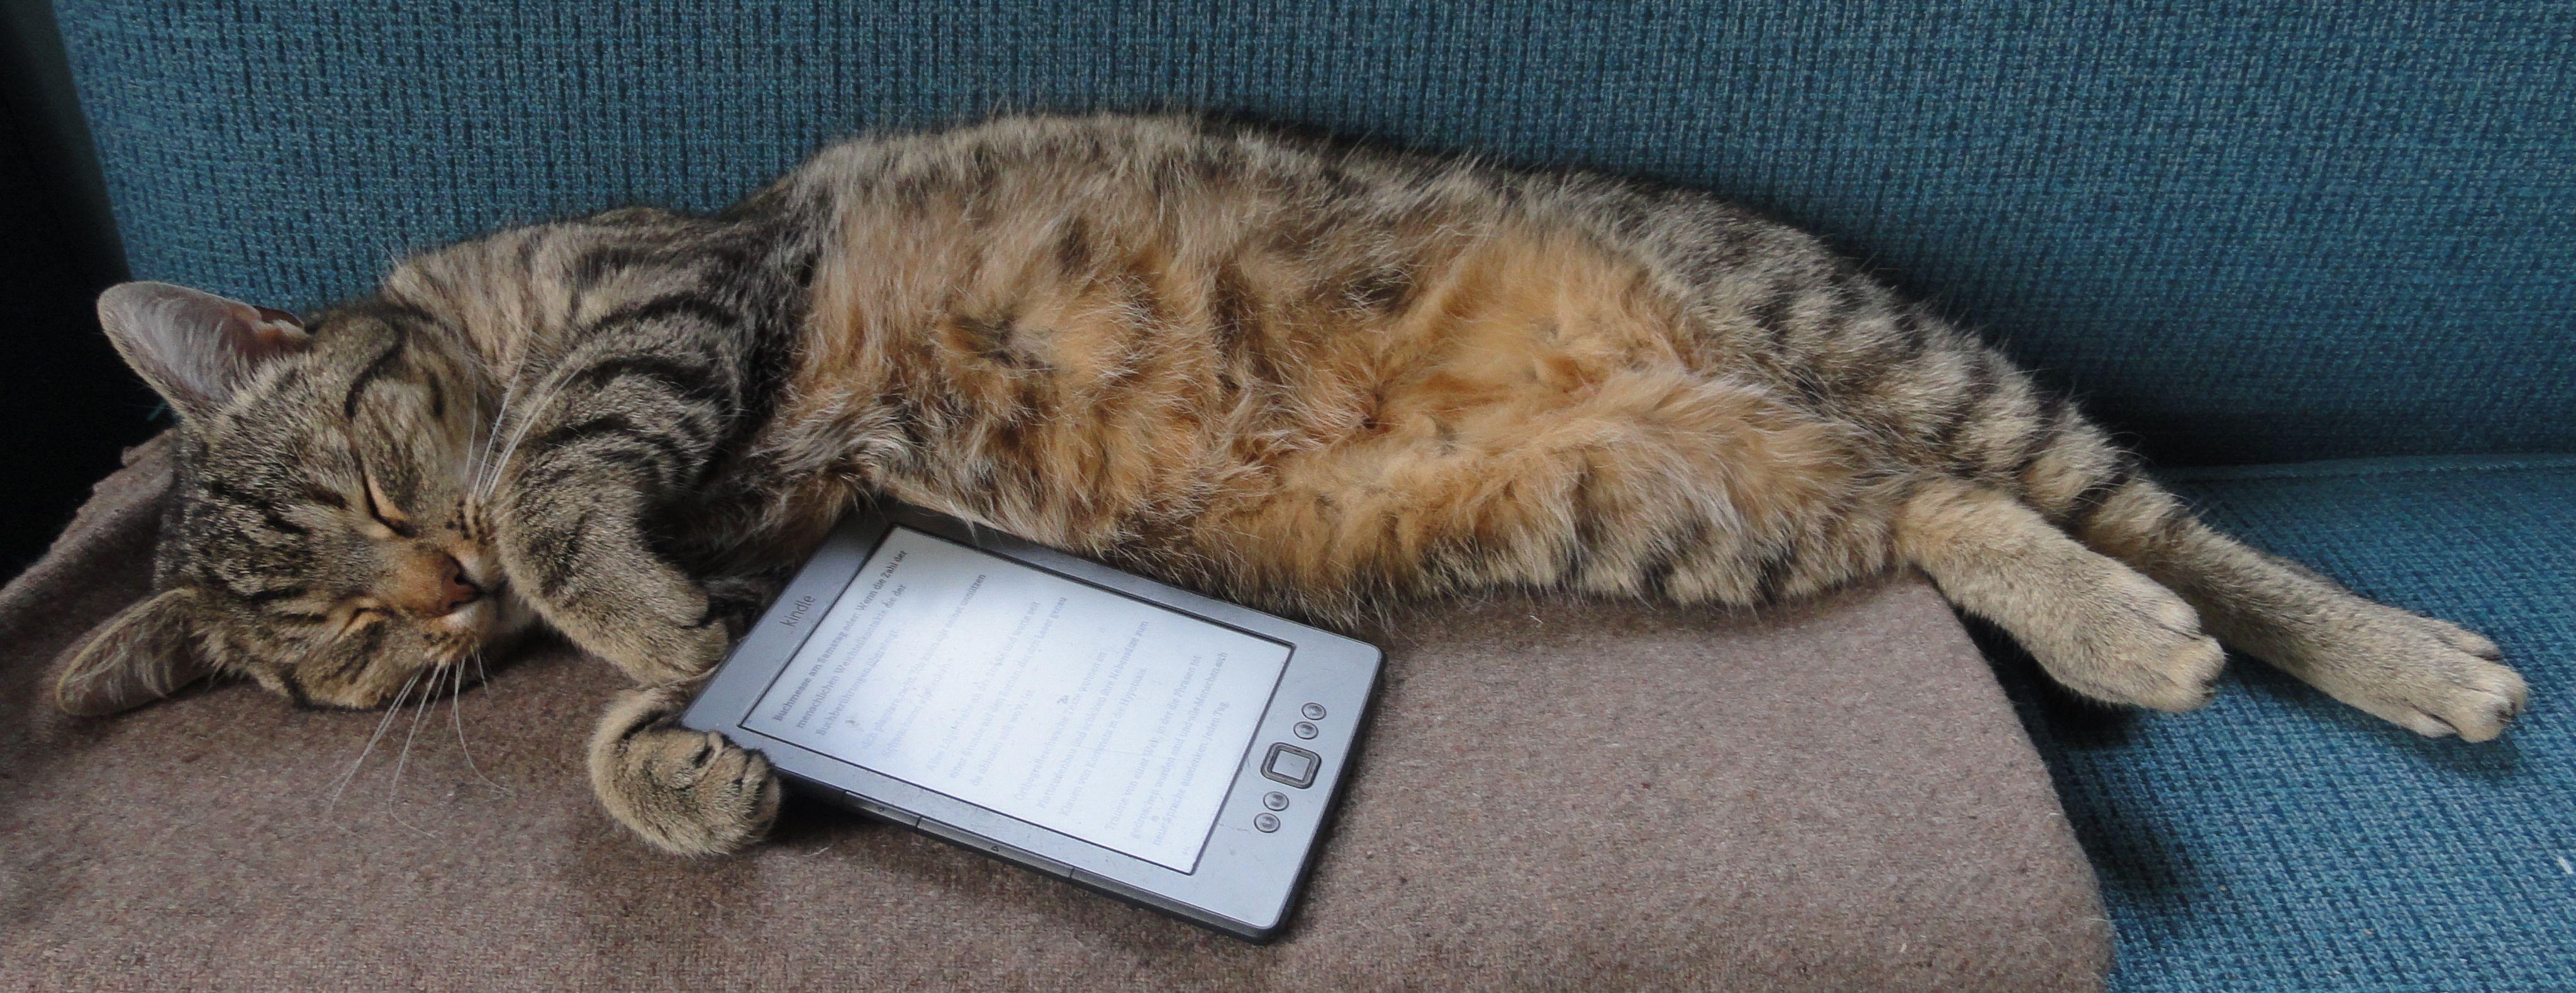 Laser Frohmann, Fachlektor für Cat Content.